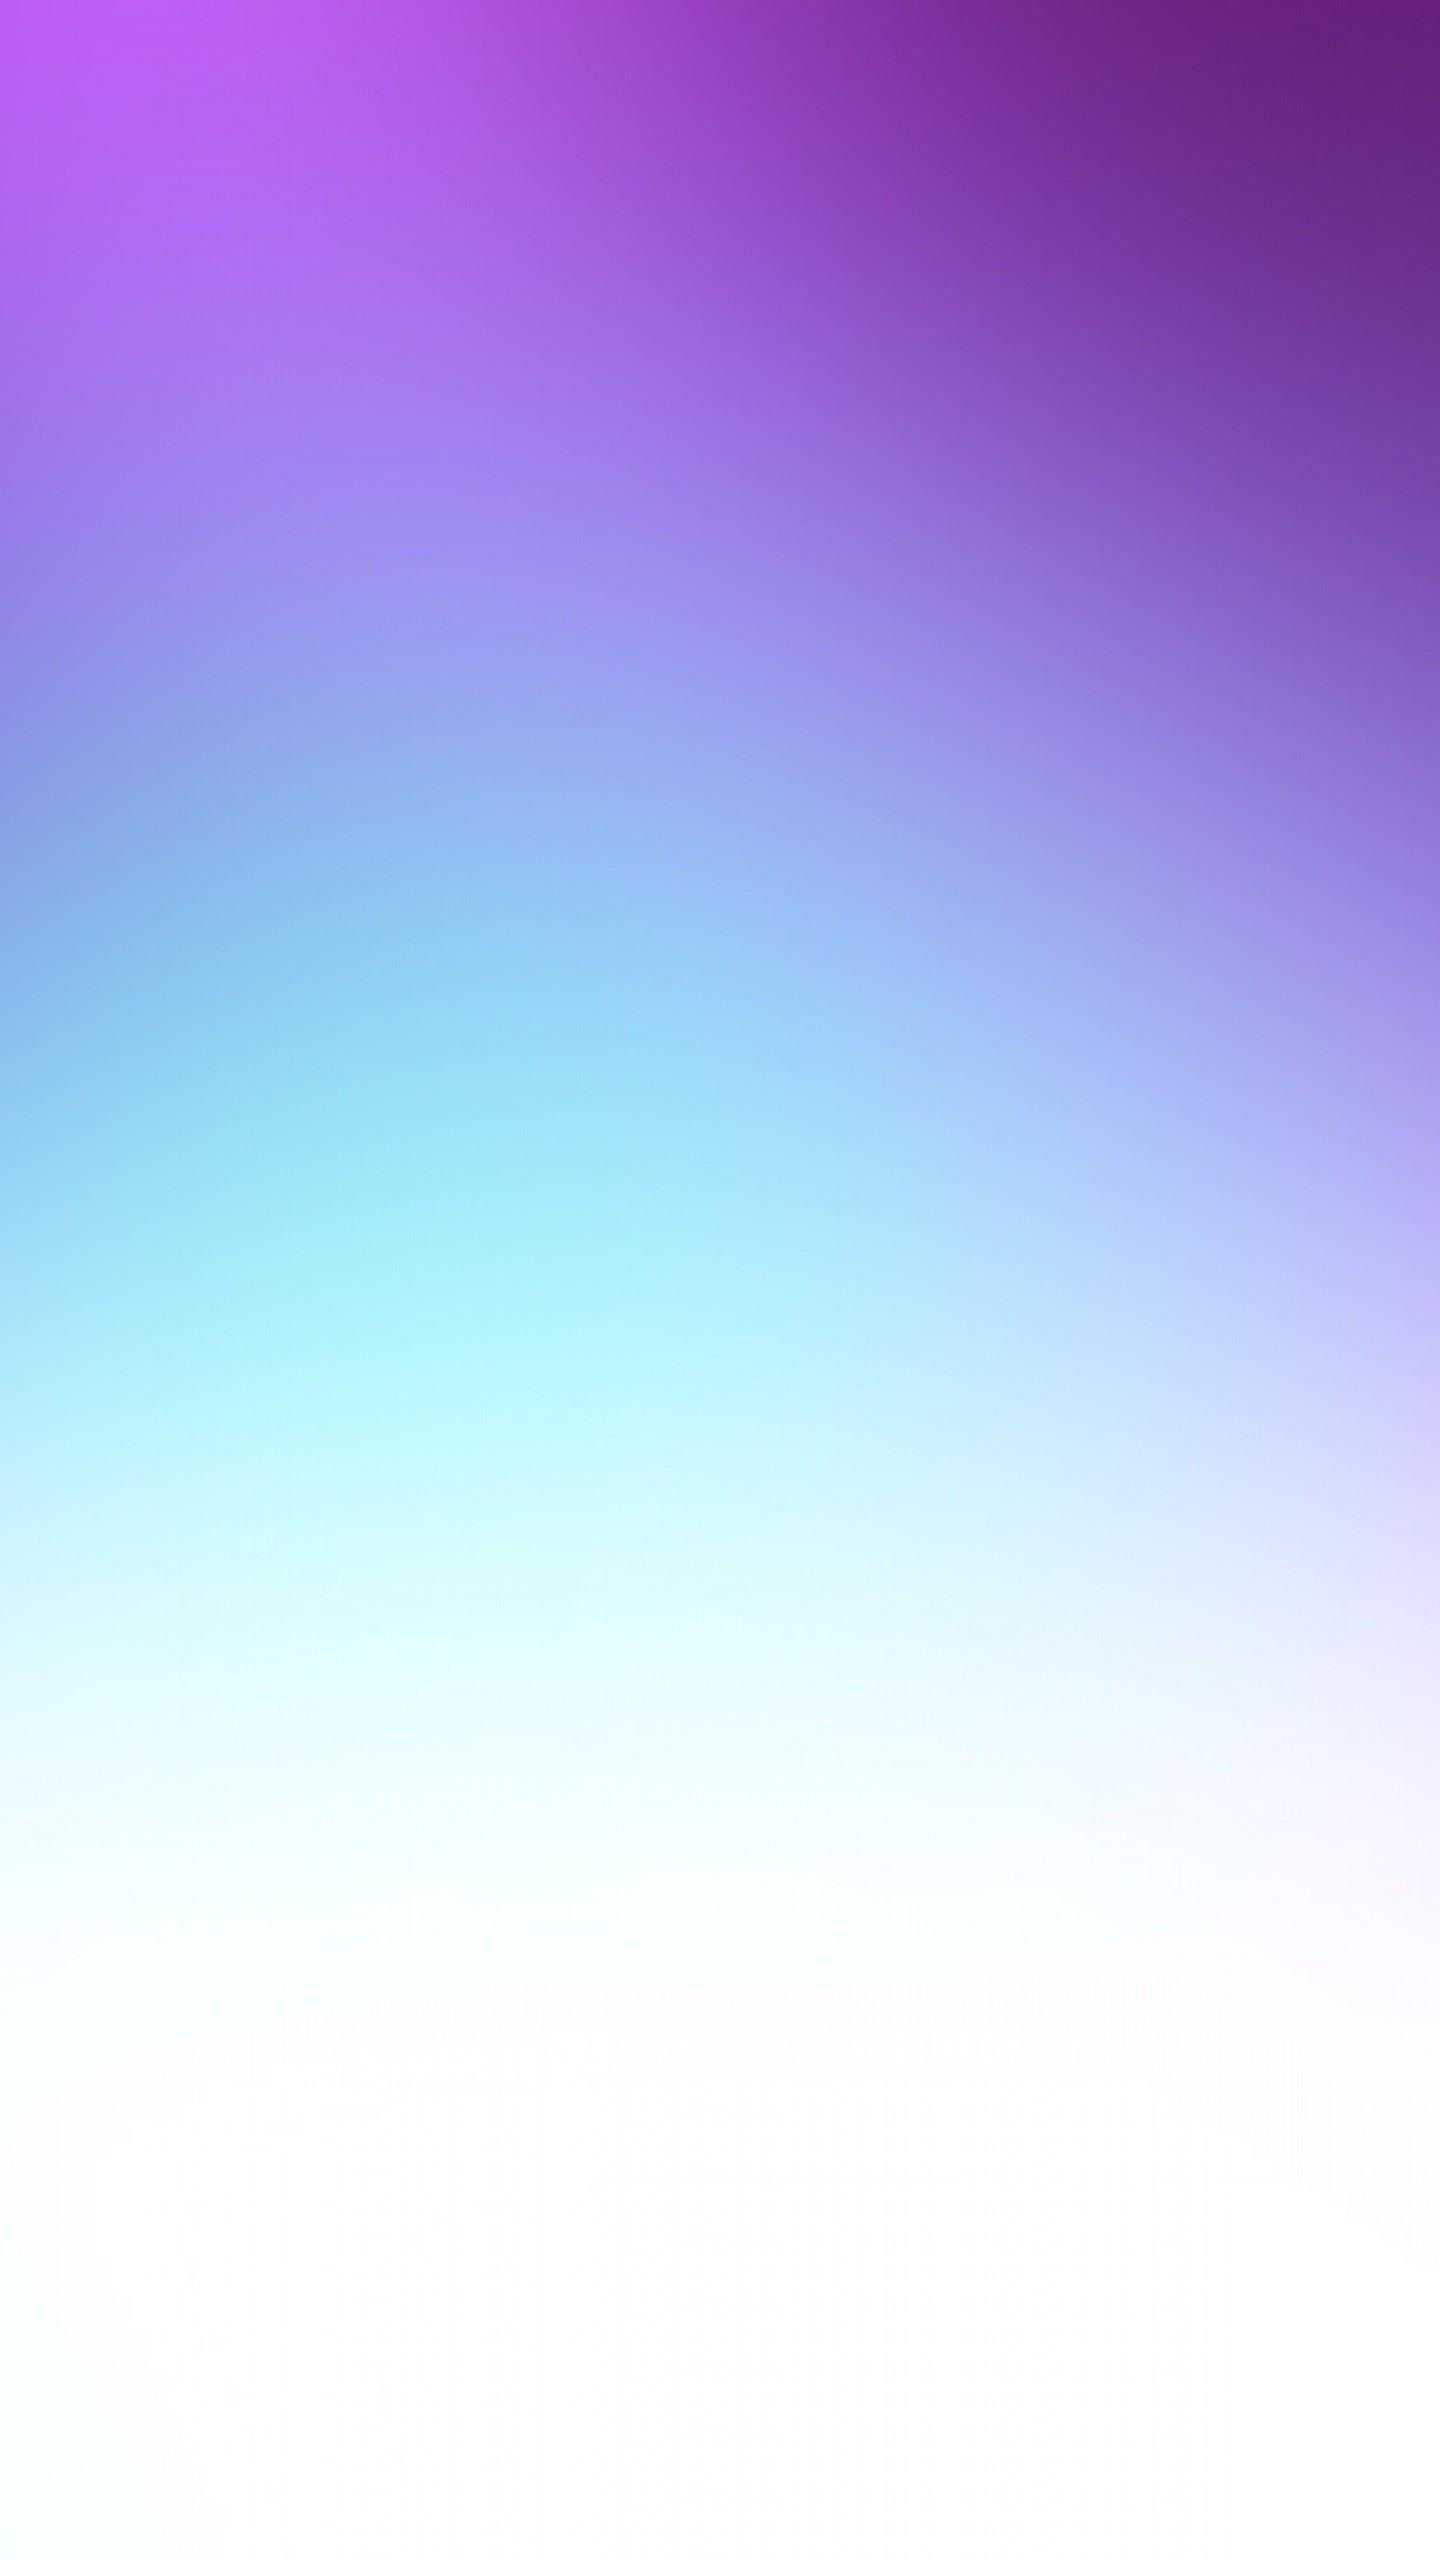 Preview wallpaper purple, blue, white, spot 1440×2560